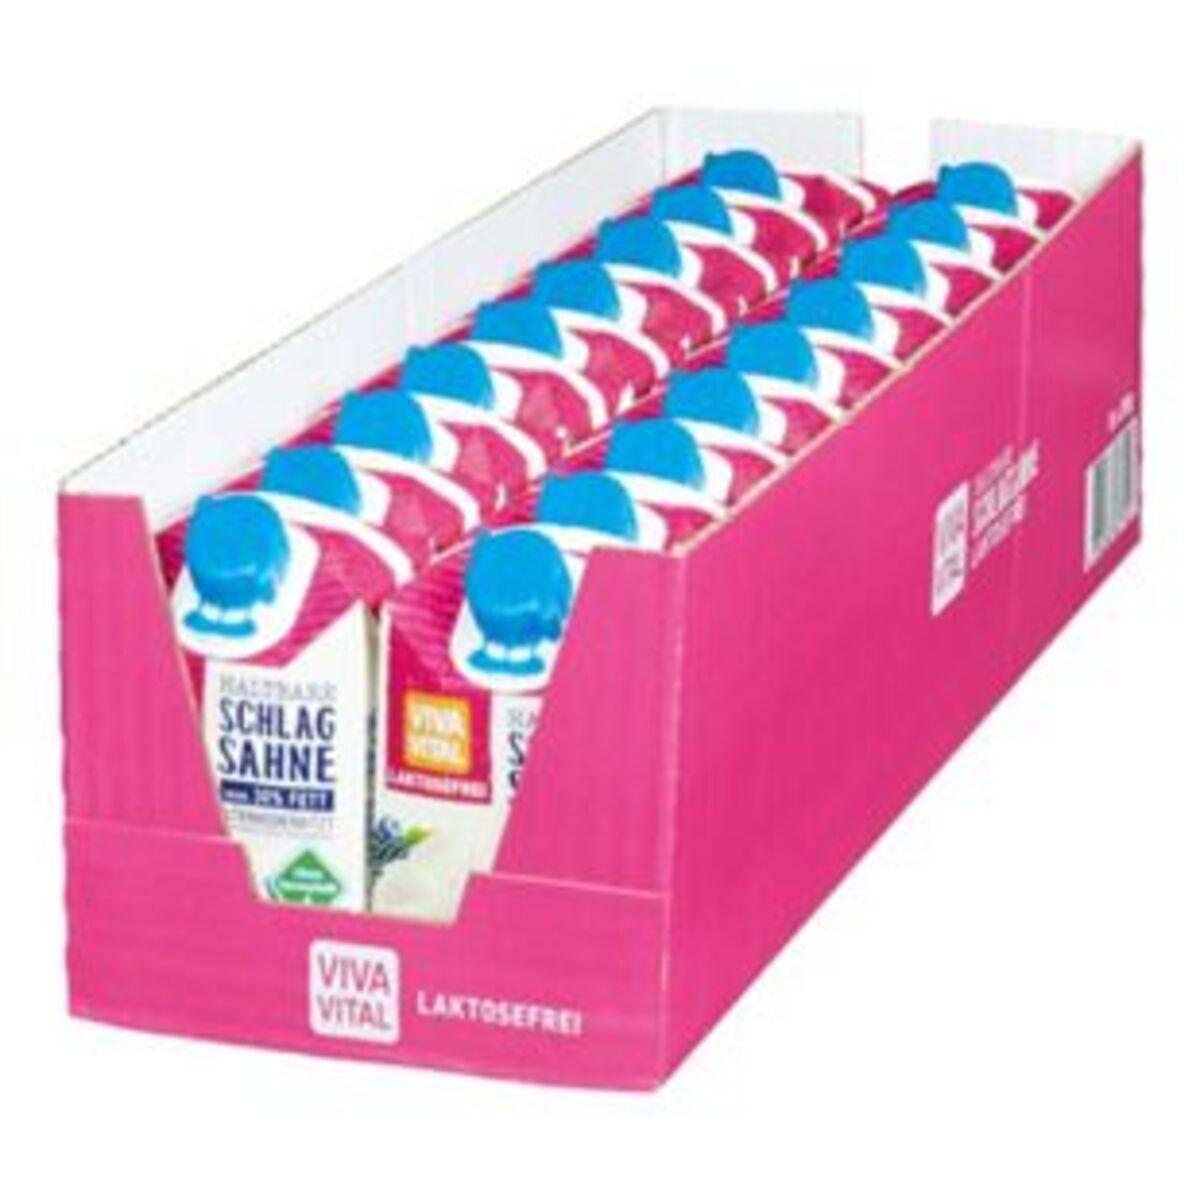 Bild 2 von Viva Vital Laktosefreie H-Schlagsahne 30% Fett 200 g, 18er Pack